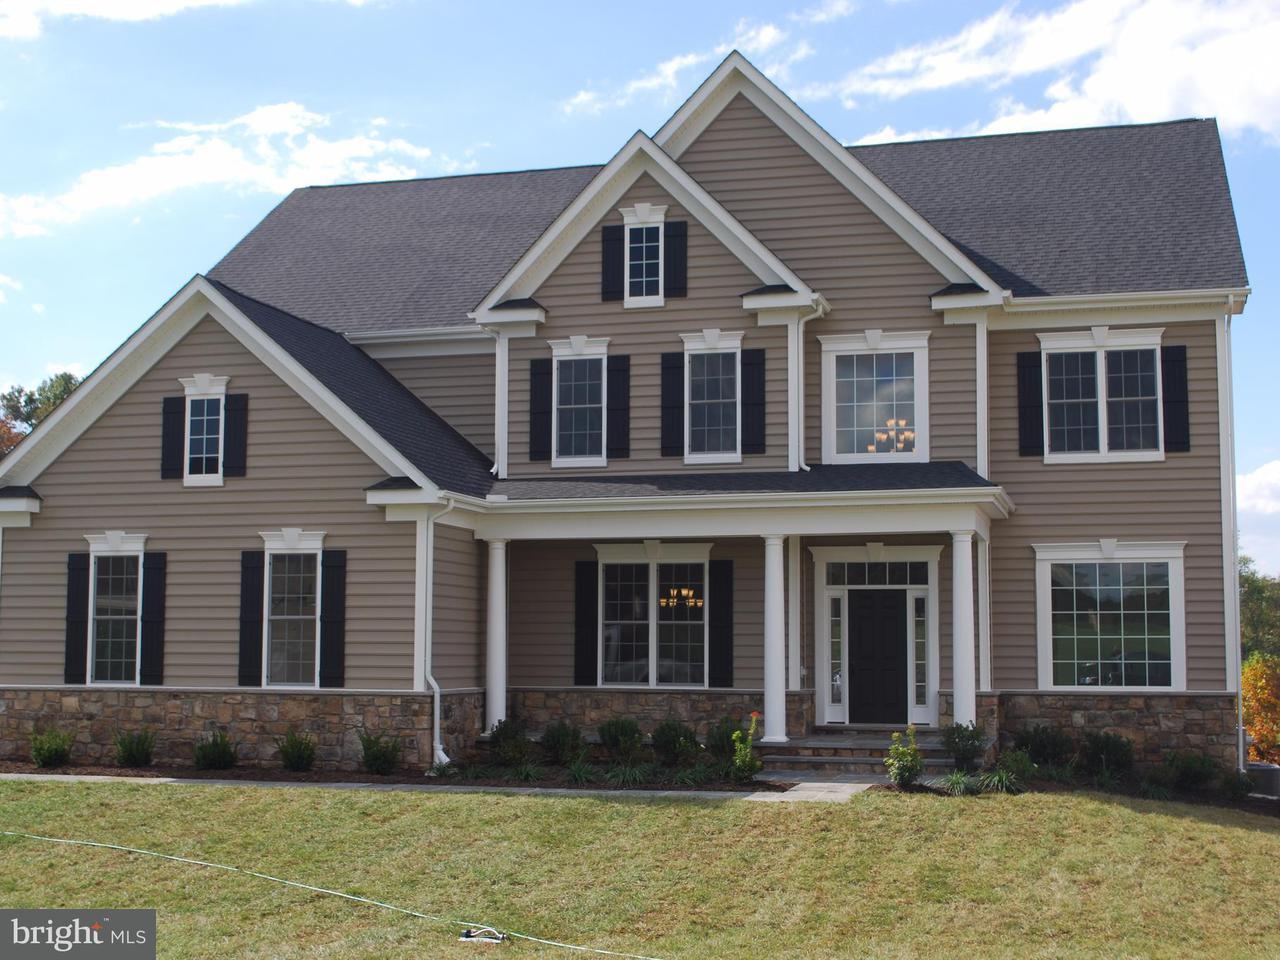 Частный односемейный дом для того Продажа на 10808 Longacre Lane 10808 Longacre Lane Stevenson, Мэриленд 21153 Соединенные Штаты